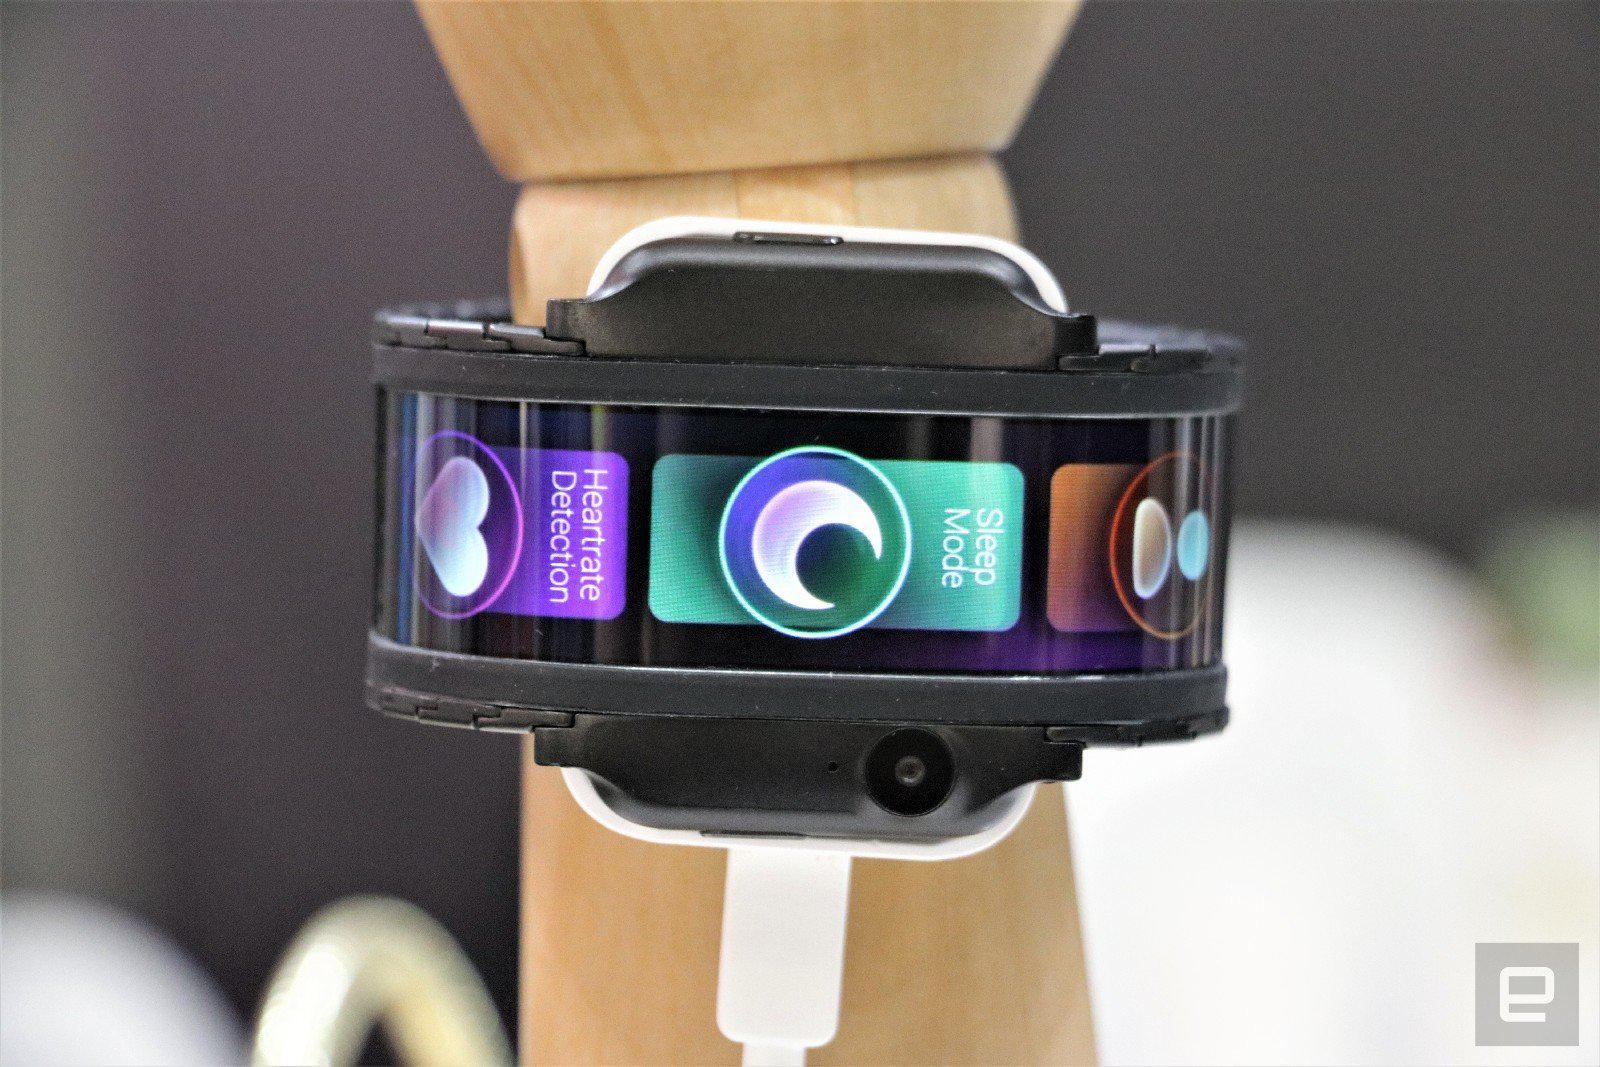 努比亚展示一款穿戴式手机的概念机 并透露将于第四季推出